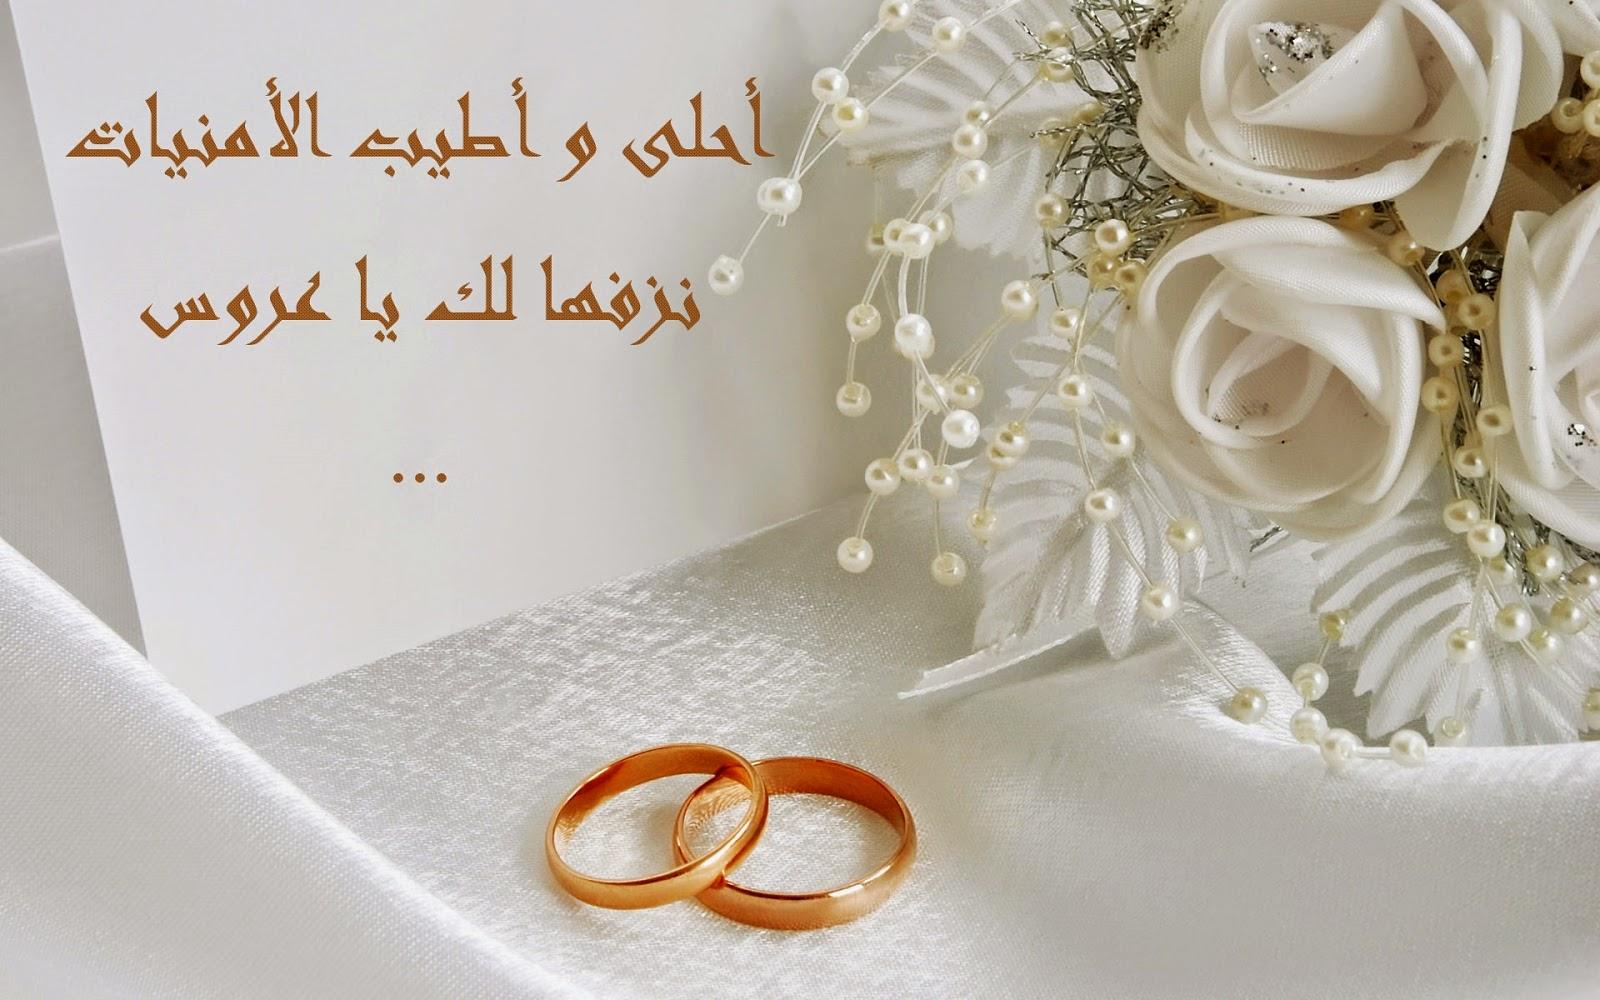 صوره عبارات تهنئه بالزواج , اجمل عبارات للزفاف